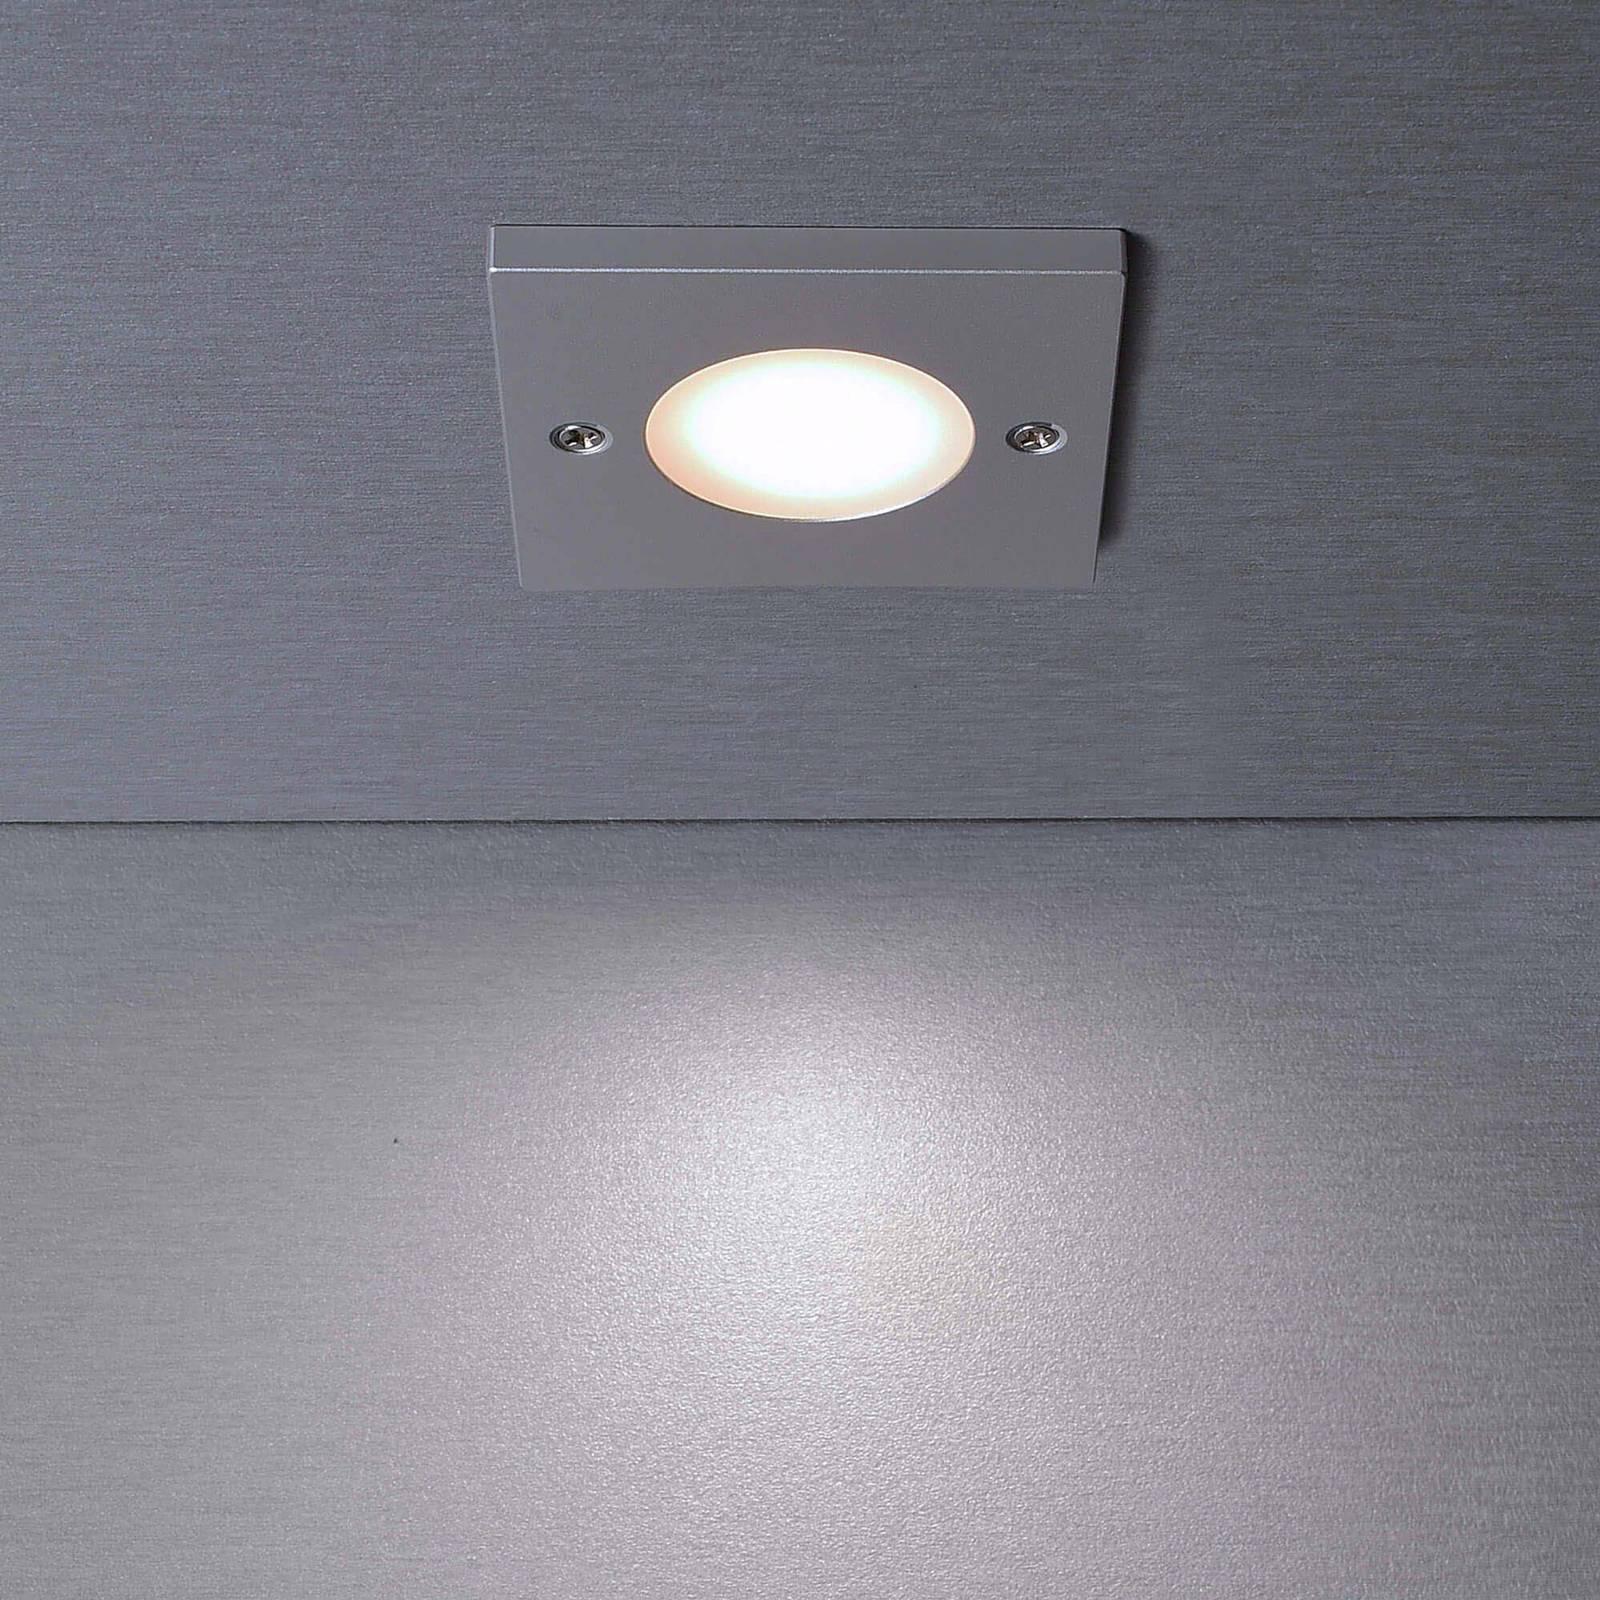 LED-kalustevalaisin Fine I, 5 kpl, himmennettävä